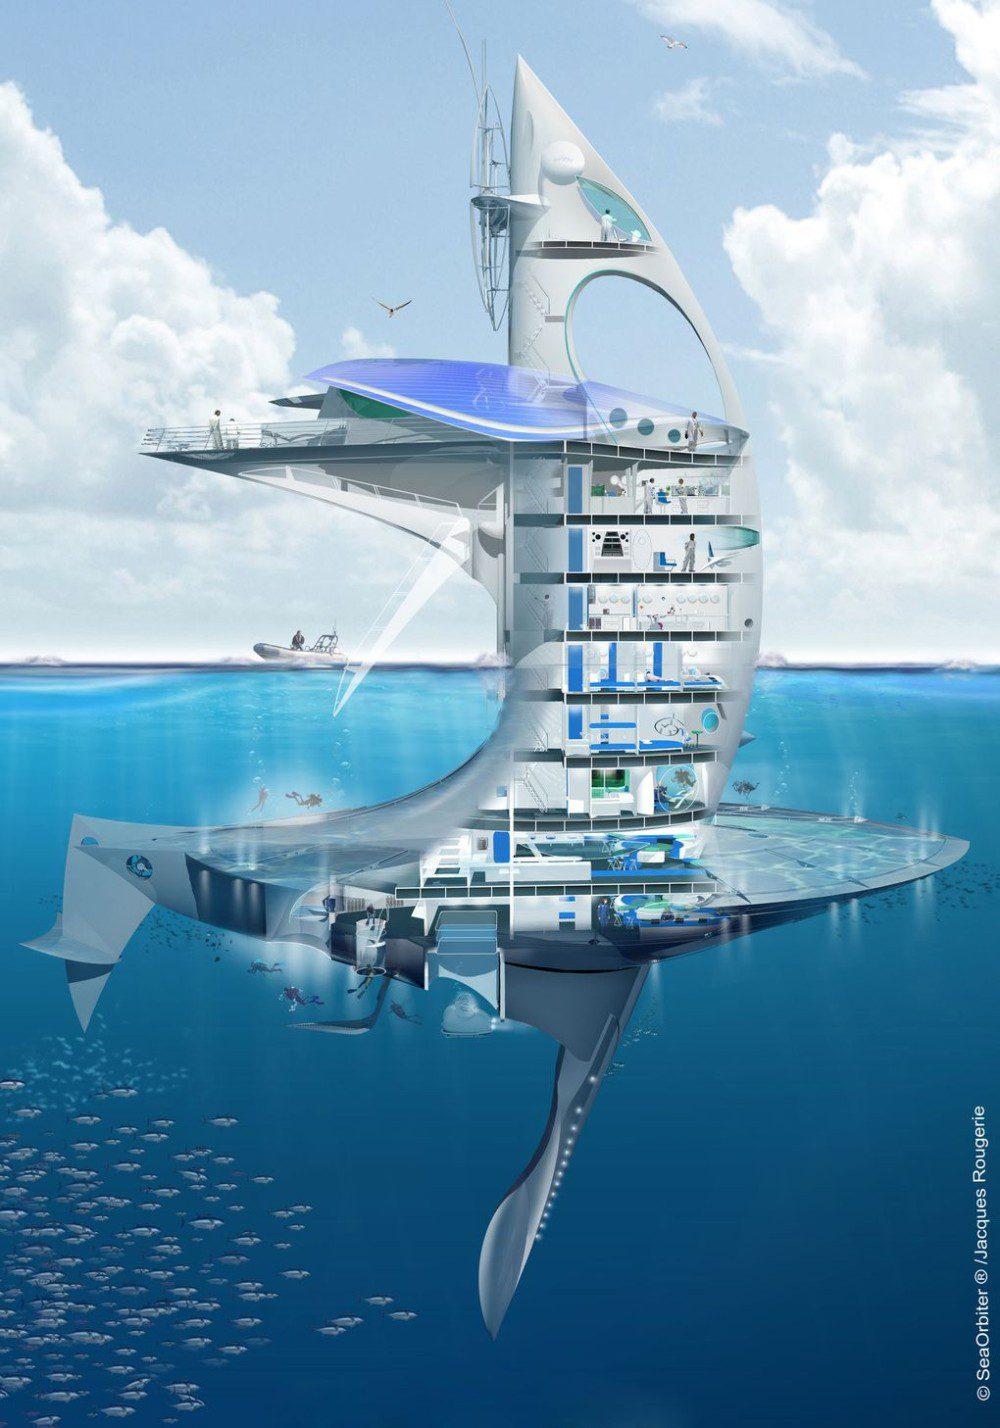 2012_-_Coupe_SeaOrbiter-Zoom.1402430568